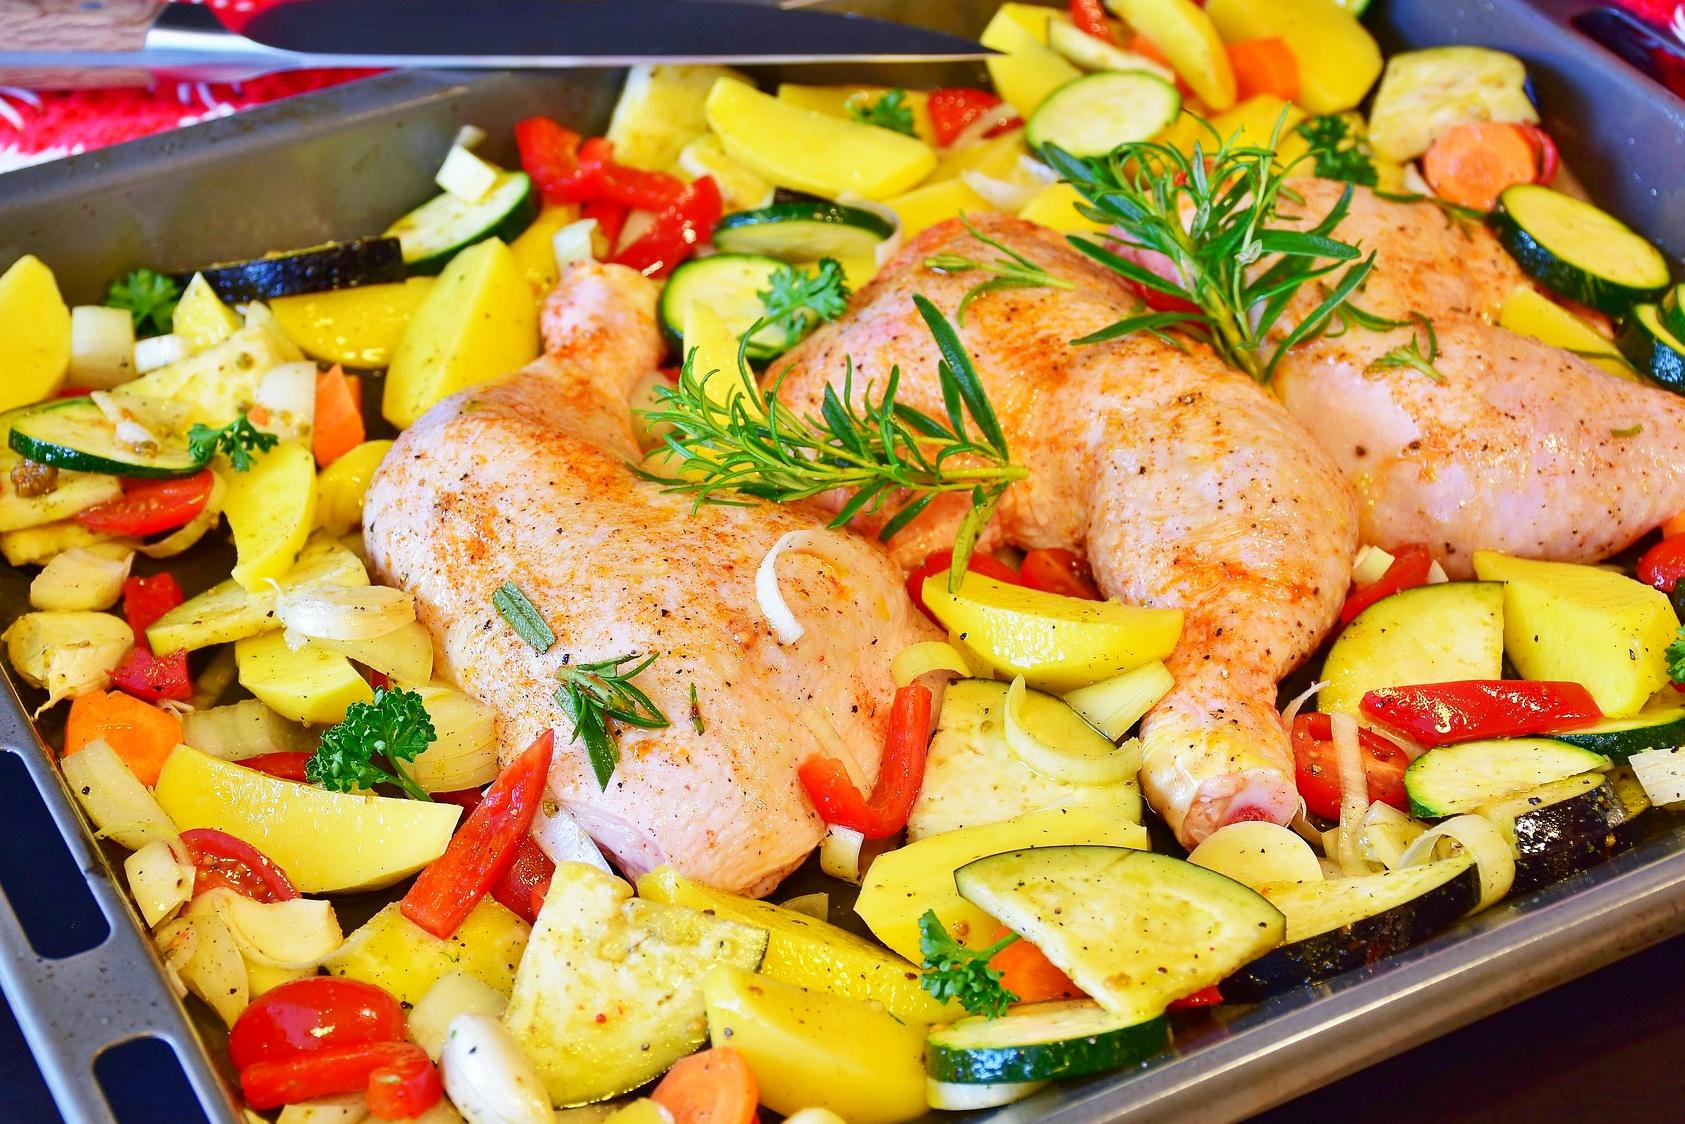 pieczone udka z kurczaka w miodzie z warzywami - przepis